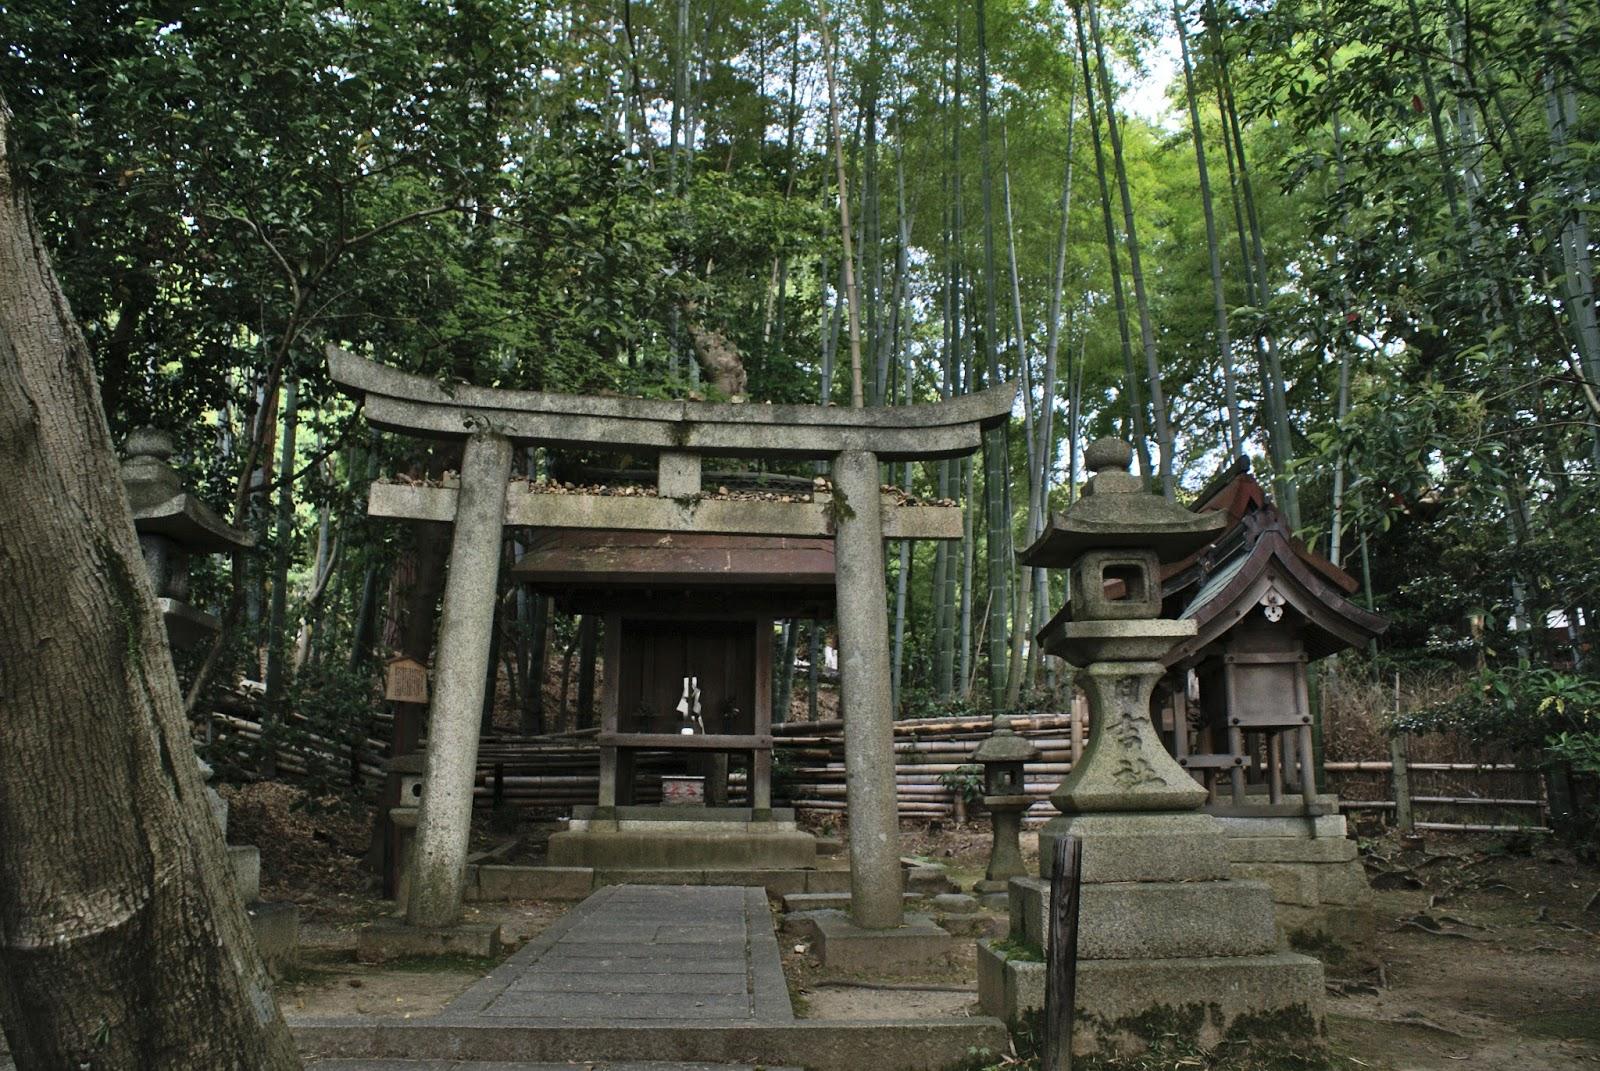 kyoto japan higashiyama shoren-in garden sanctuary torii